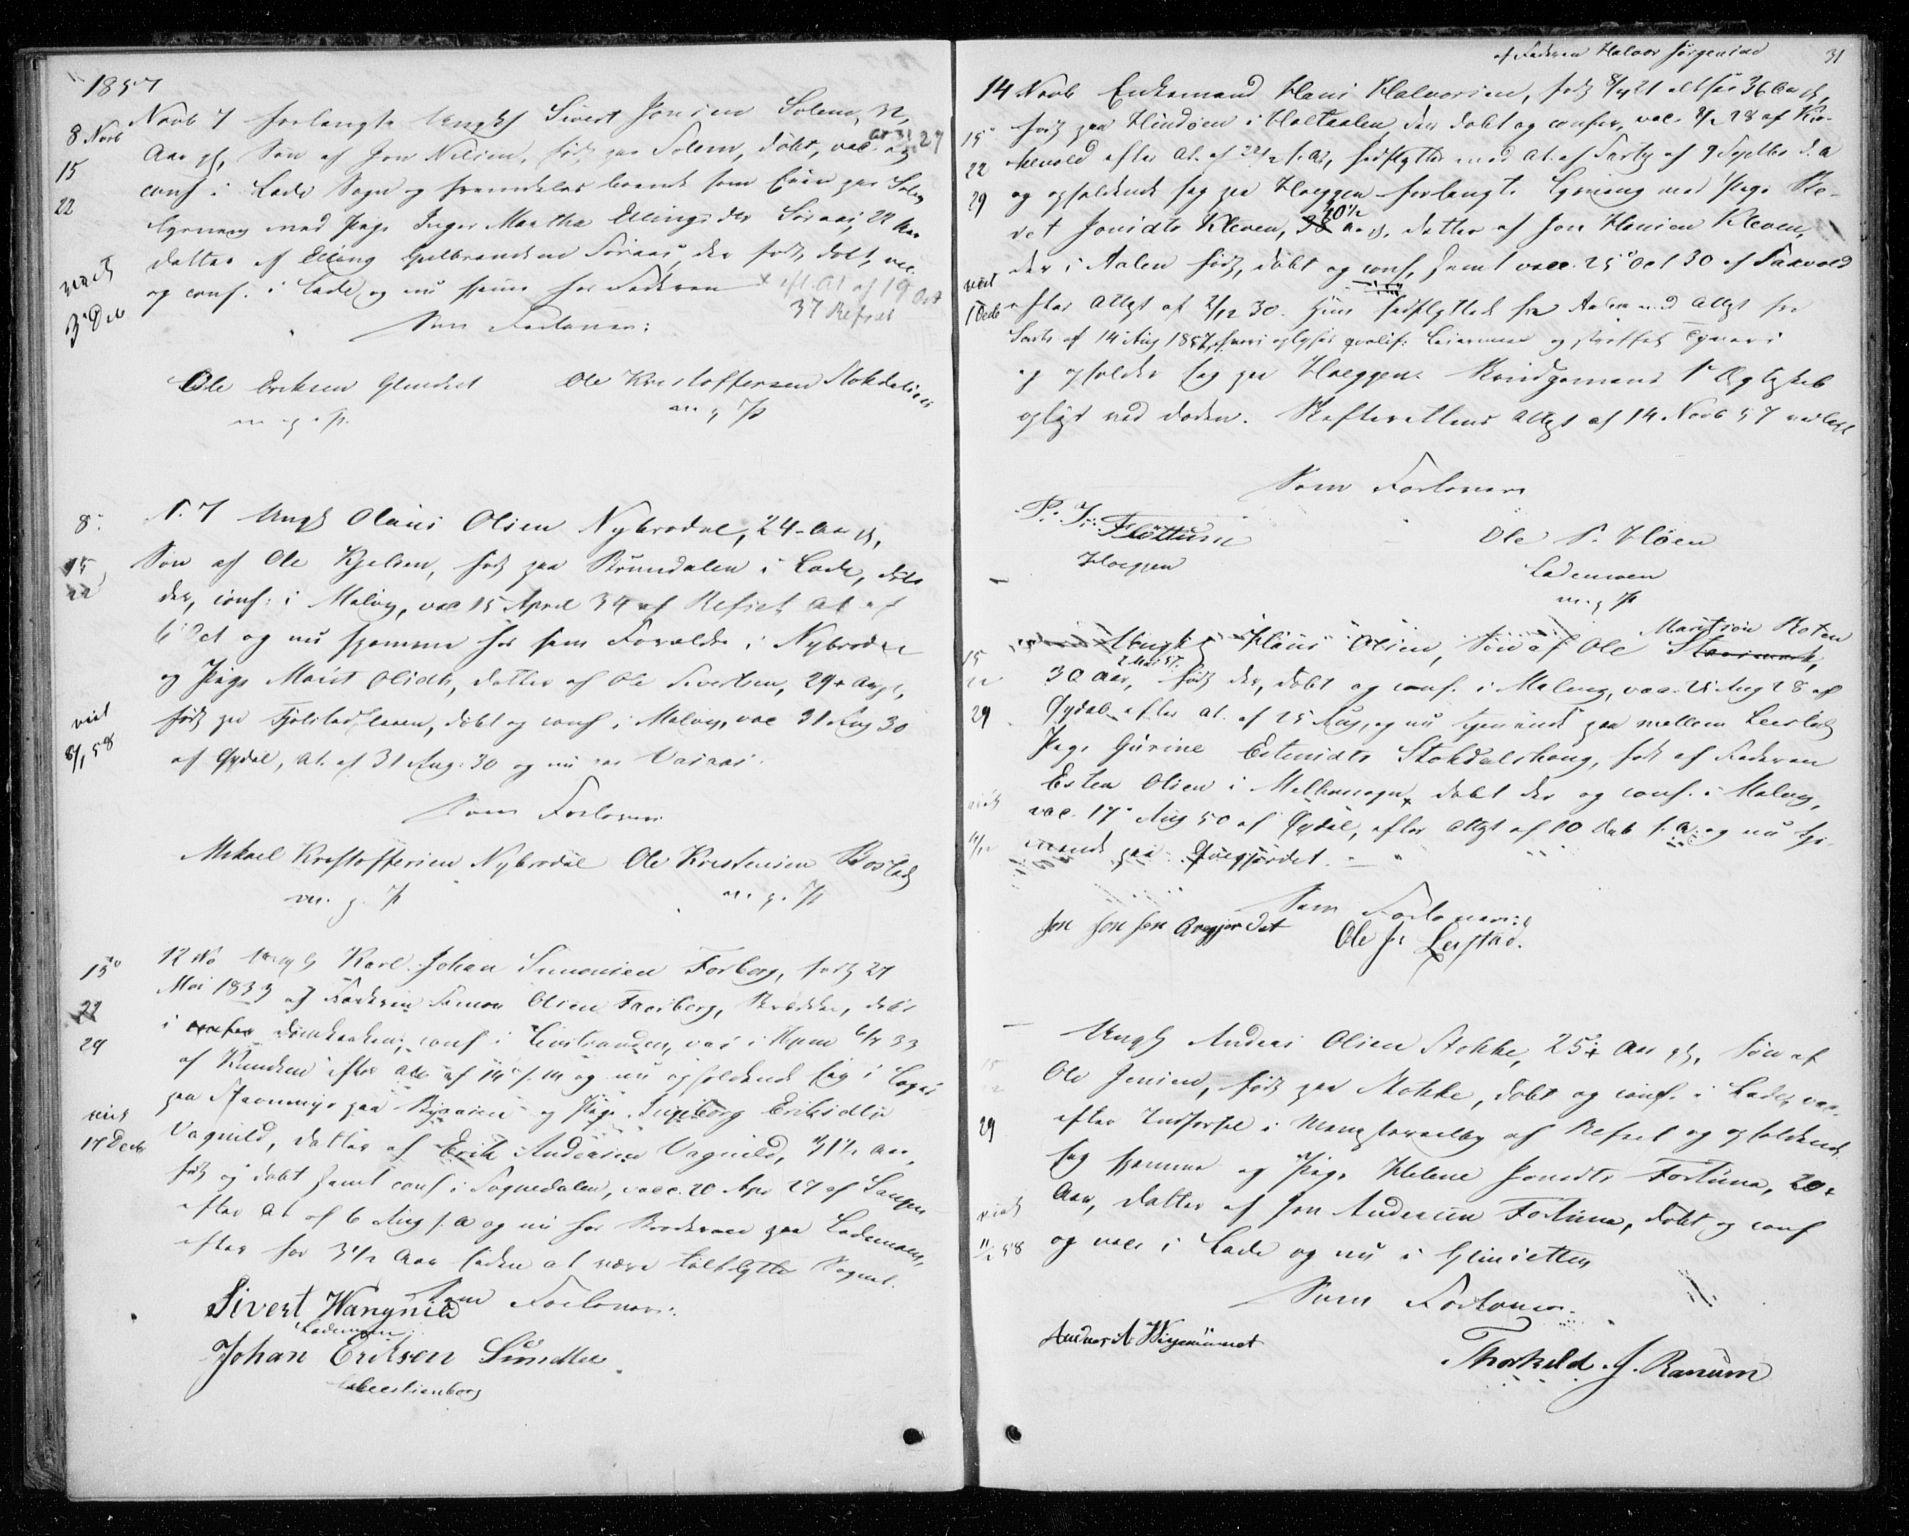 SAT, Ministerialprotokoller, klokkerbøker og fødselsregistre - Sør-Trøndelag, 606/L0297: Lysningsprotokoll nr. 606A12, 1854-1861, s. 31